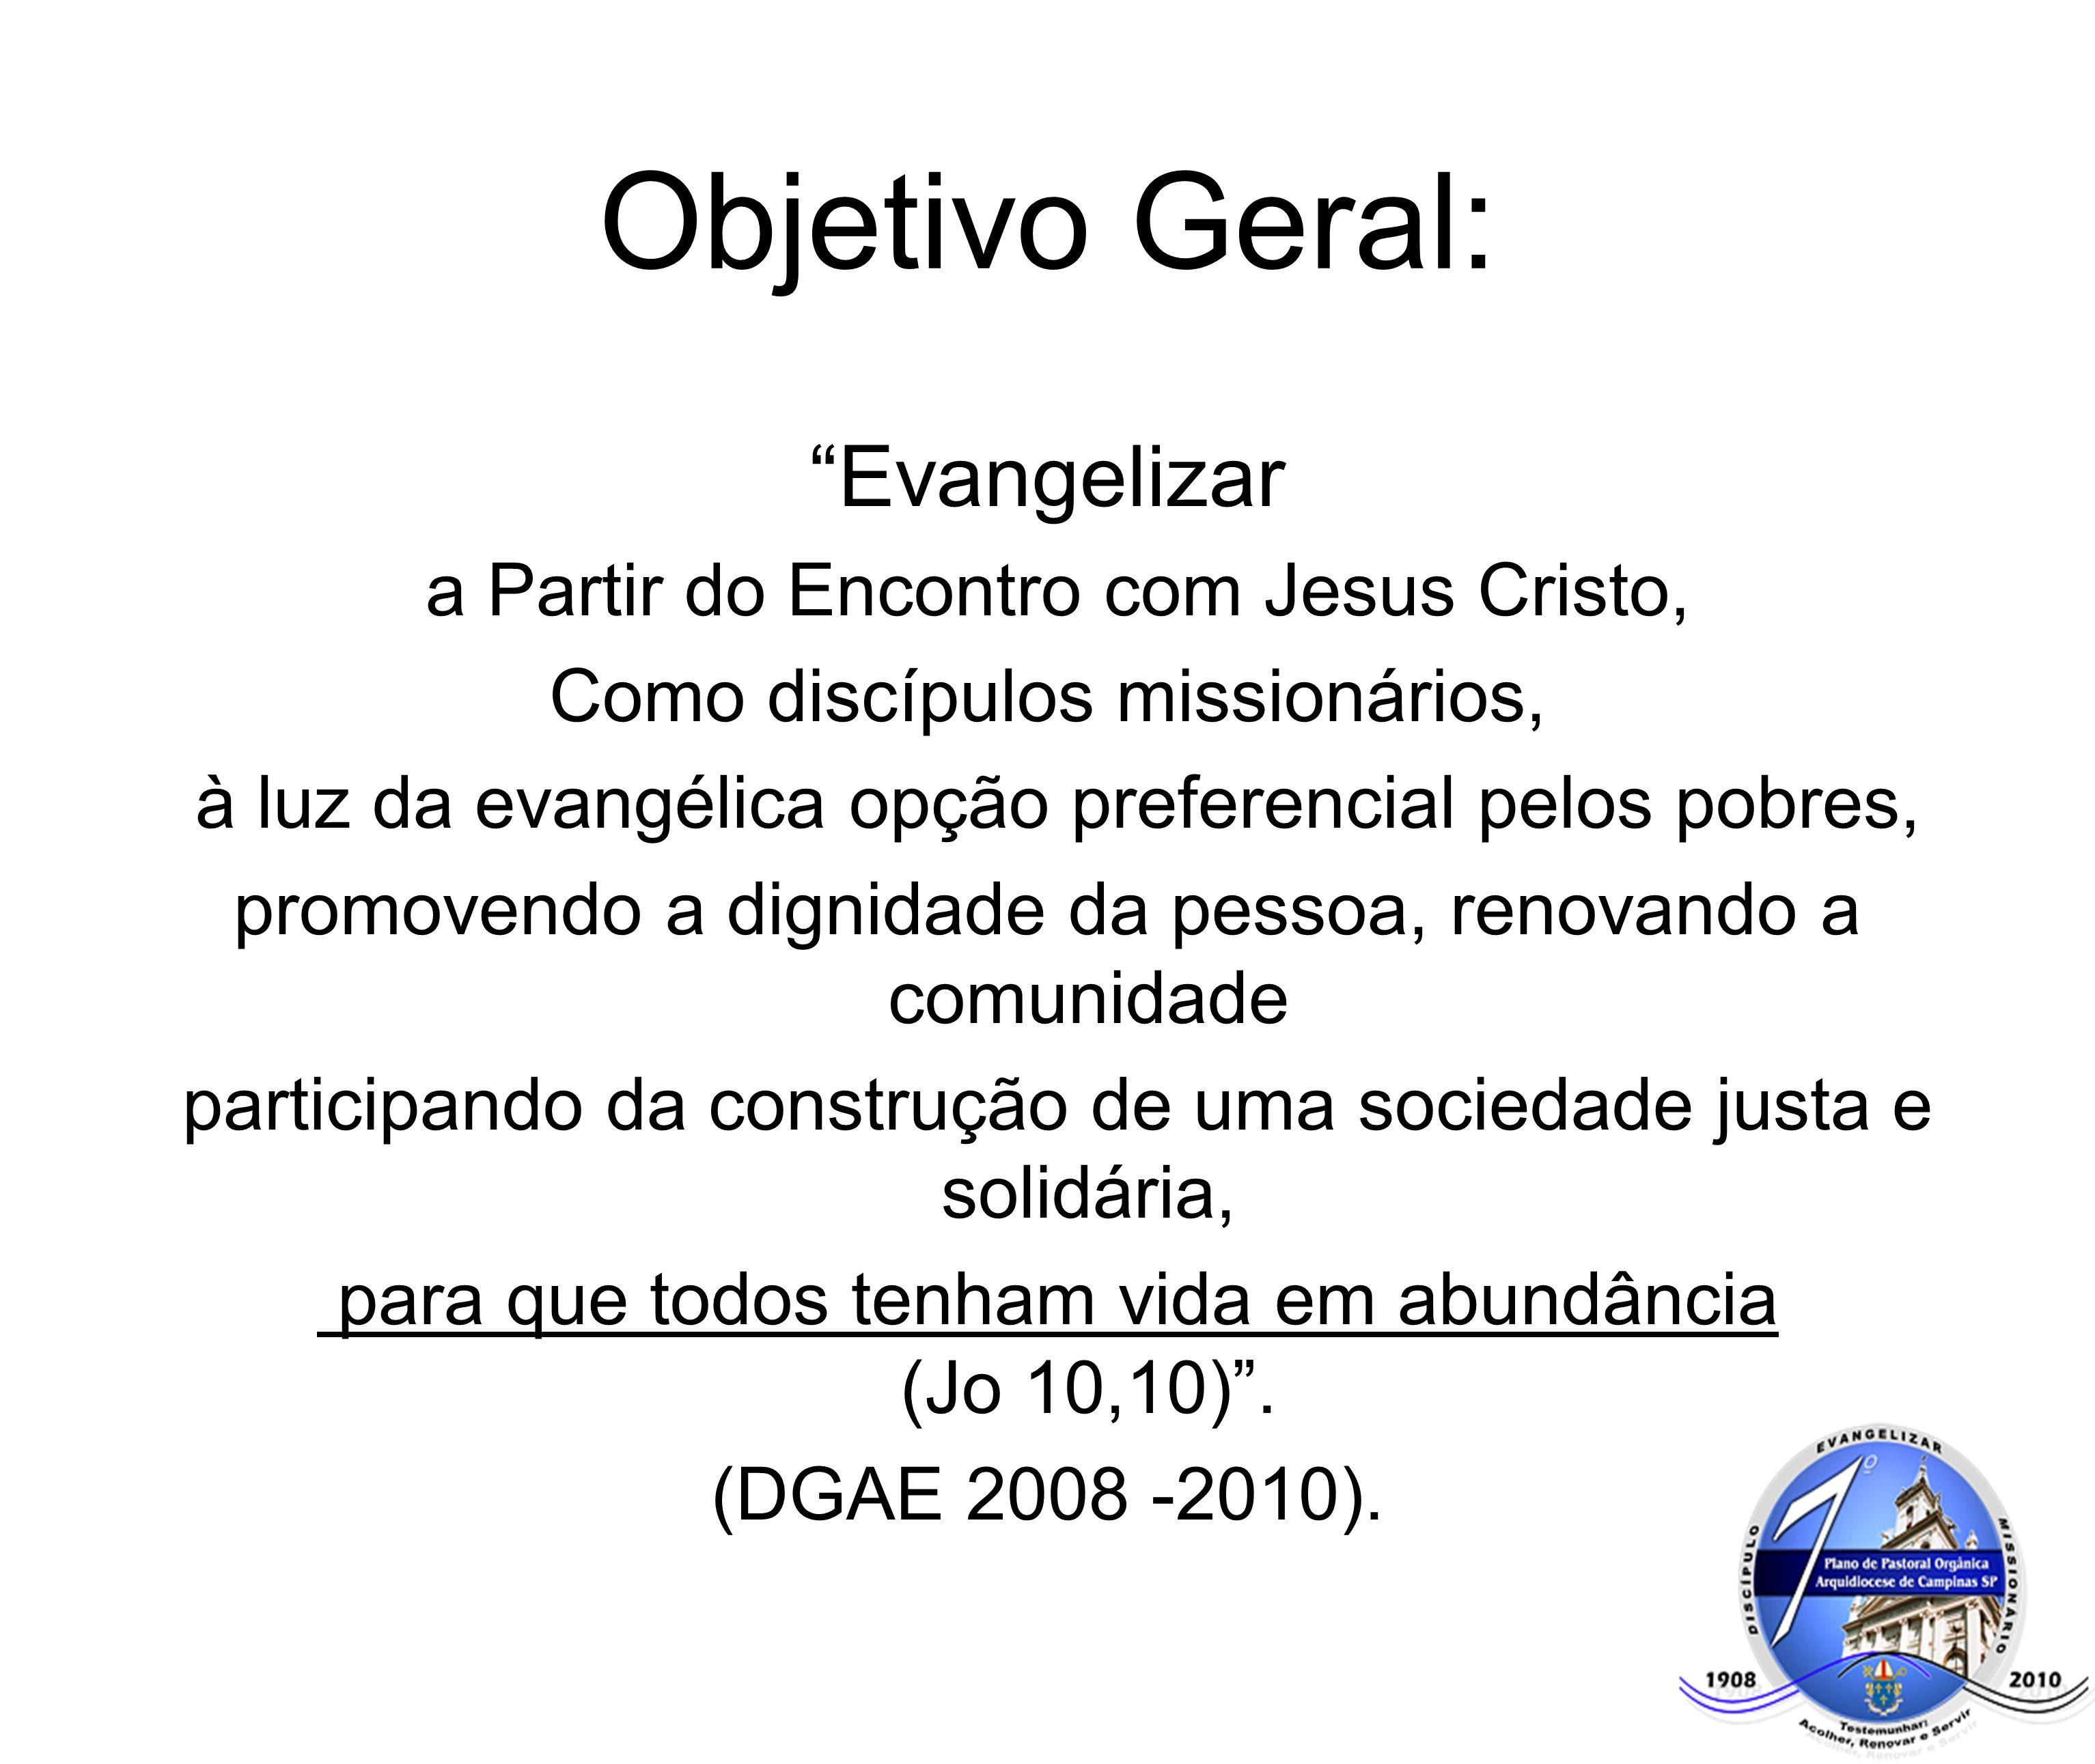 Objetivo Geral: Evangelizar a Partir do Encontro com Jesus Cristo, Como discípulos missionários, à luz da evangélica opção preferencial pelos pobres,